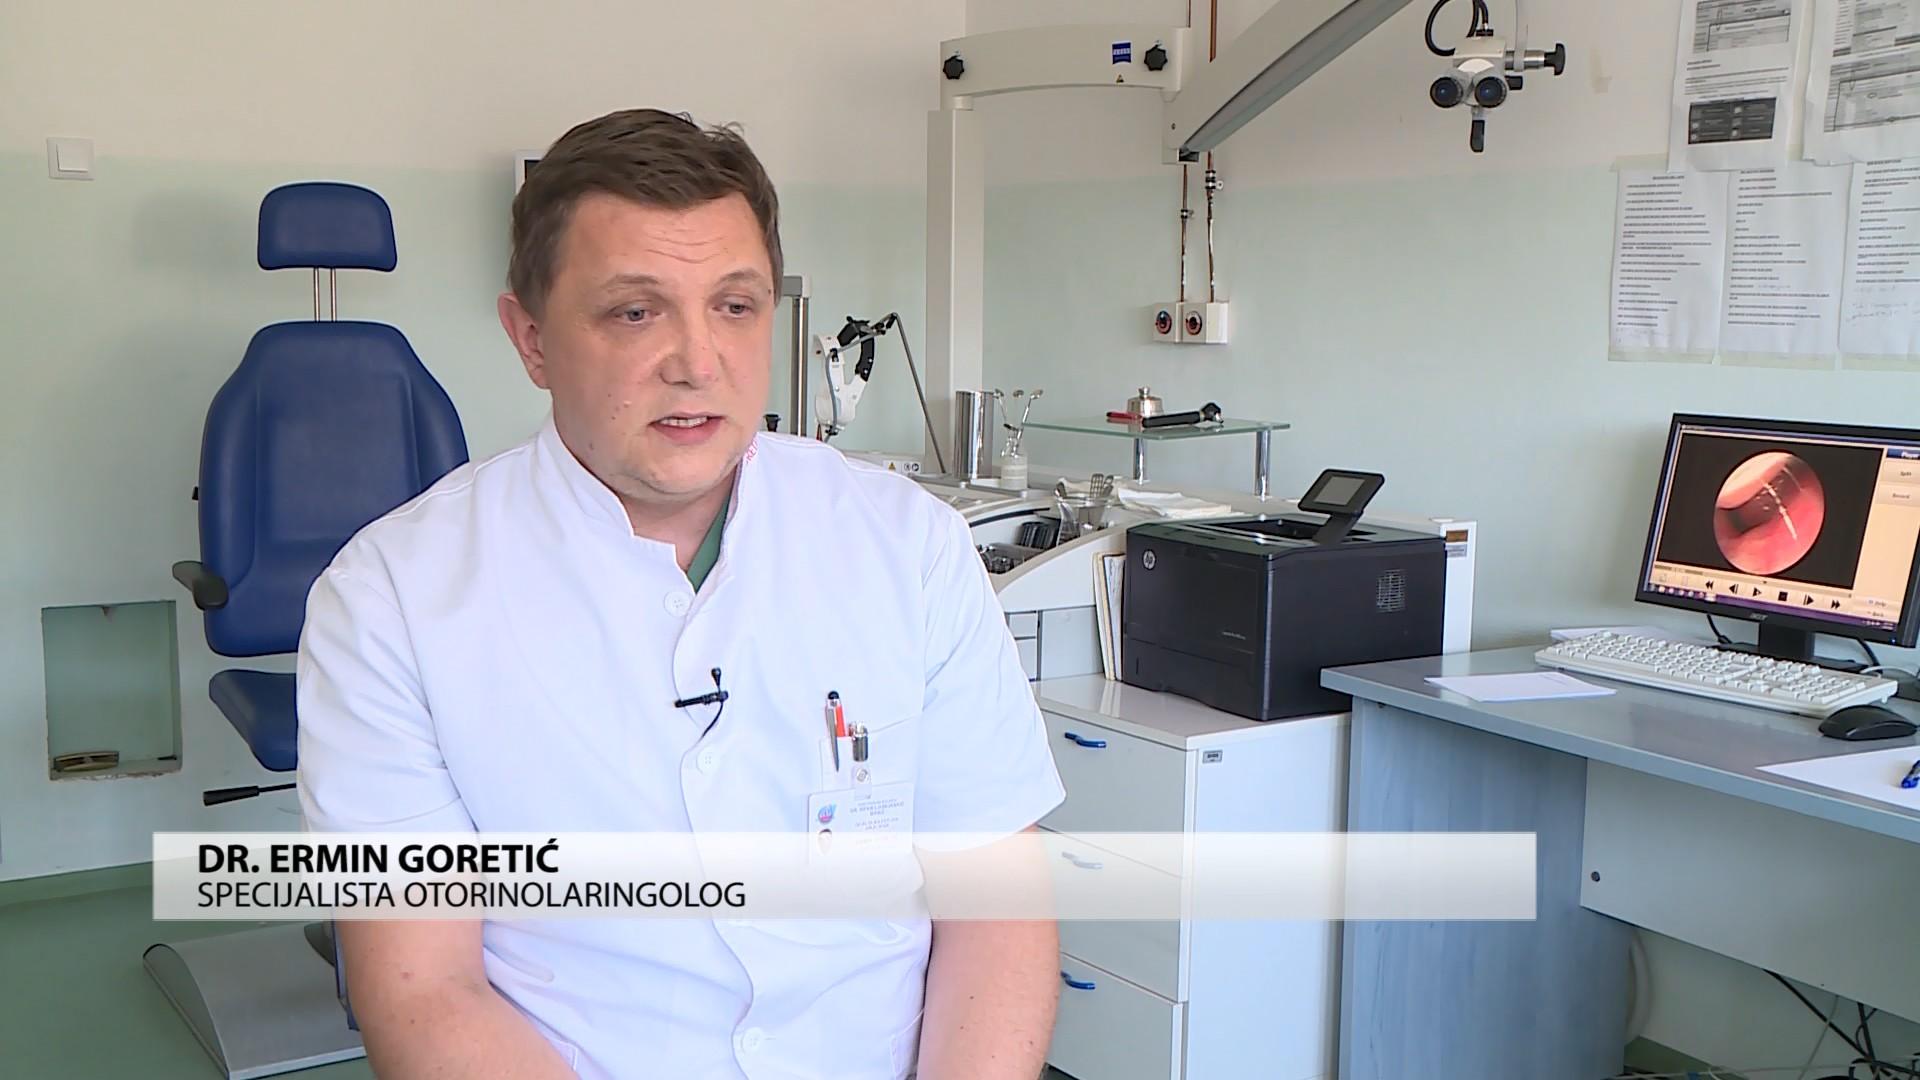 DNEVNA DOZA ZABAVE: TV ORDINACIJA - DR. ERMIN GORETIĆ